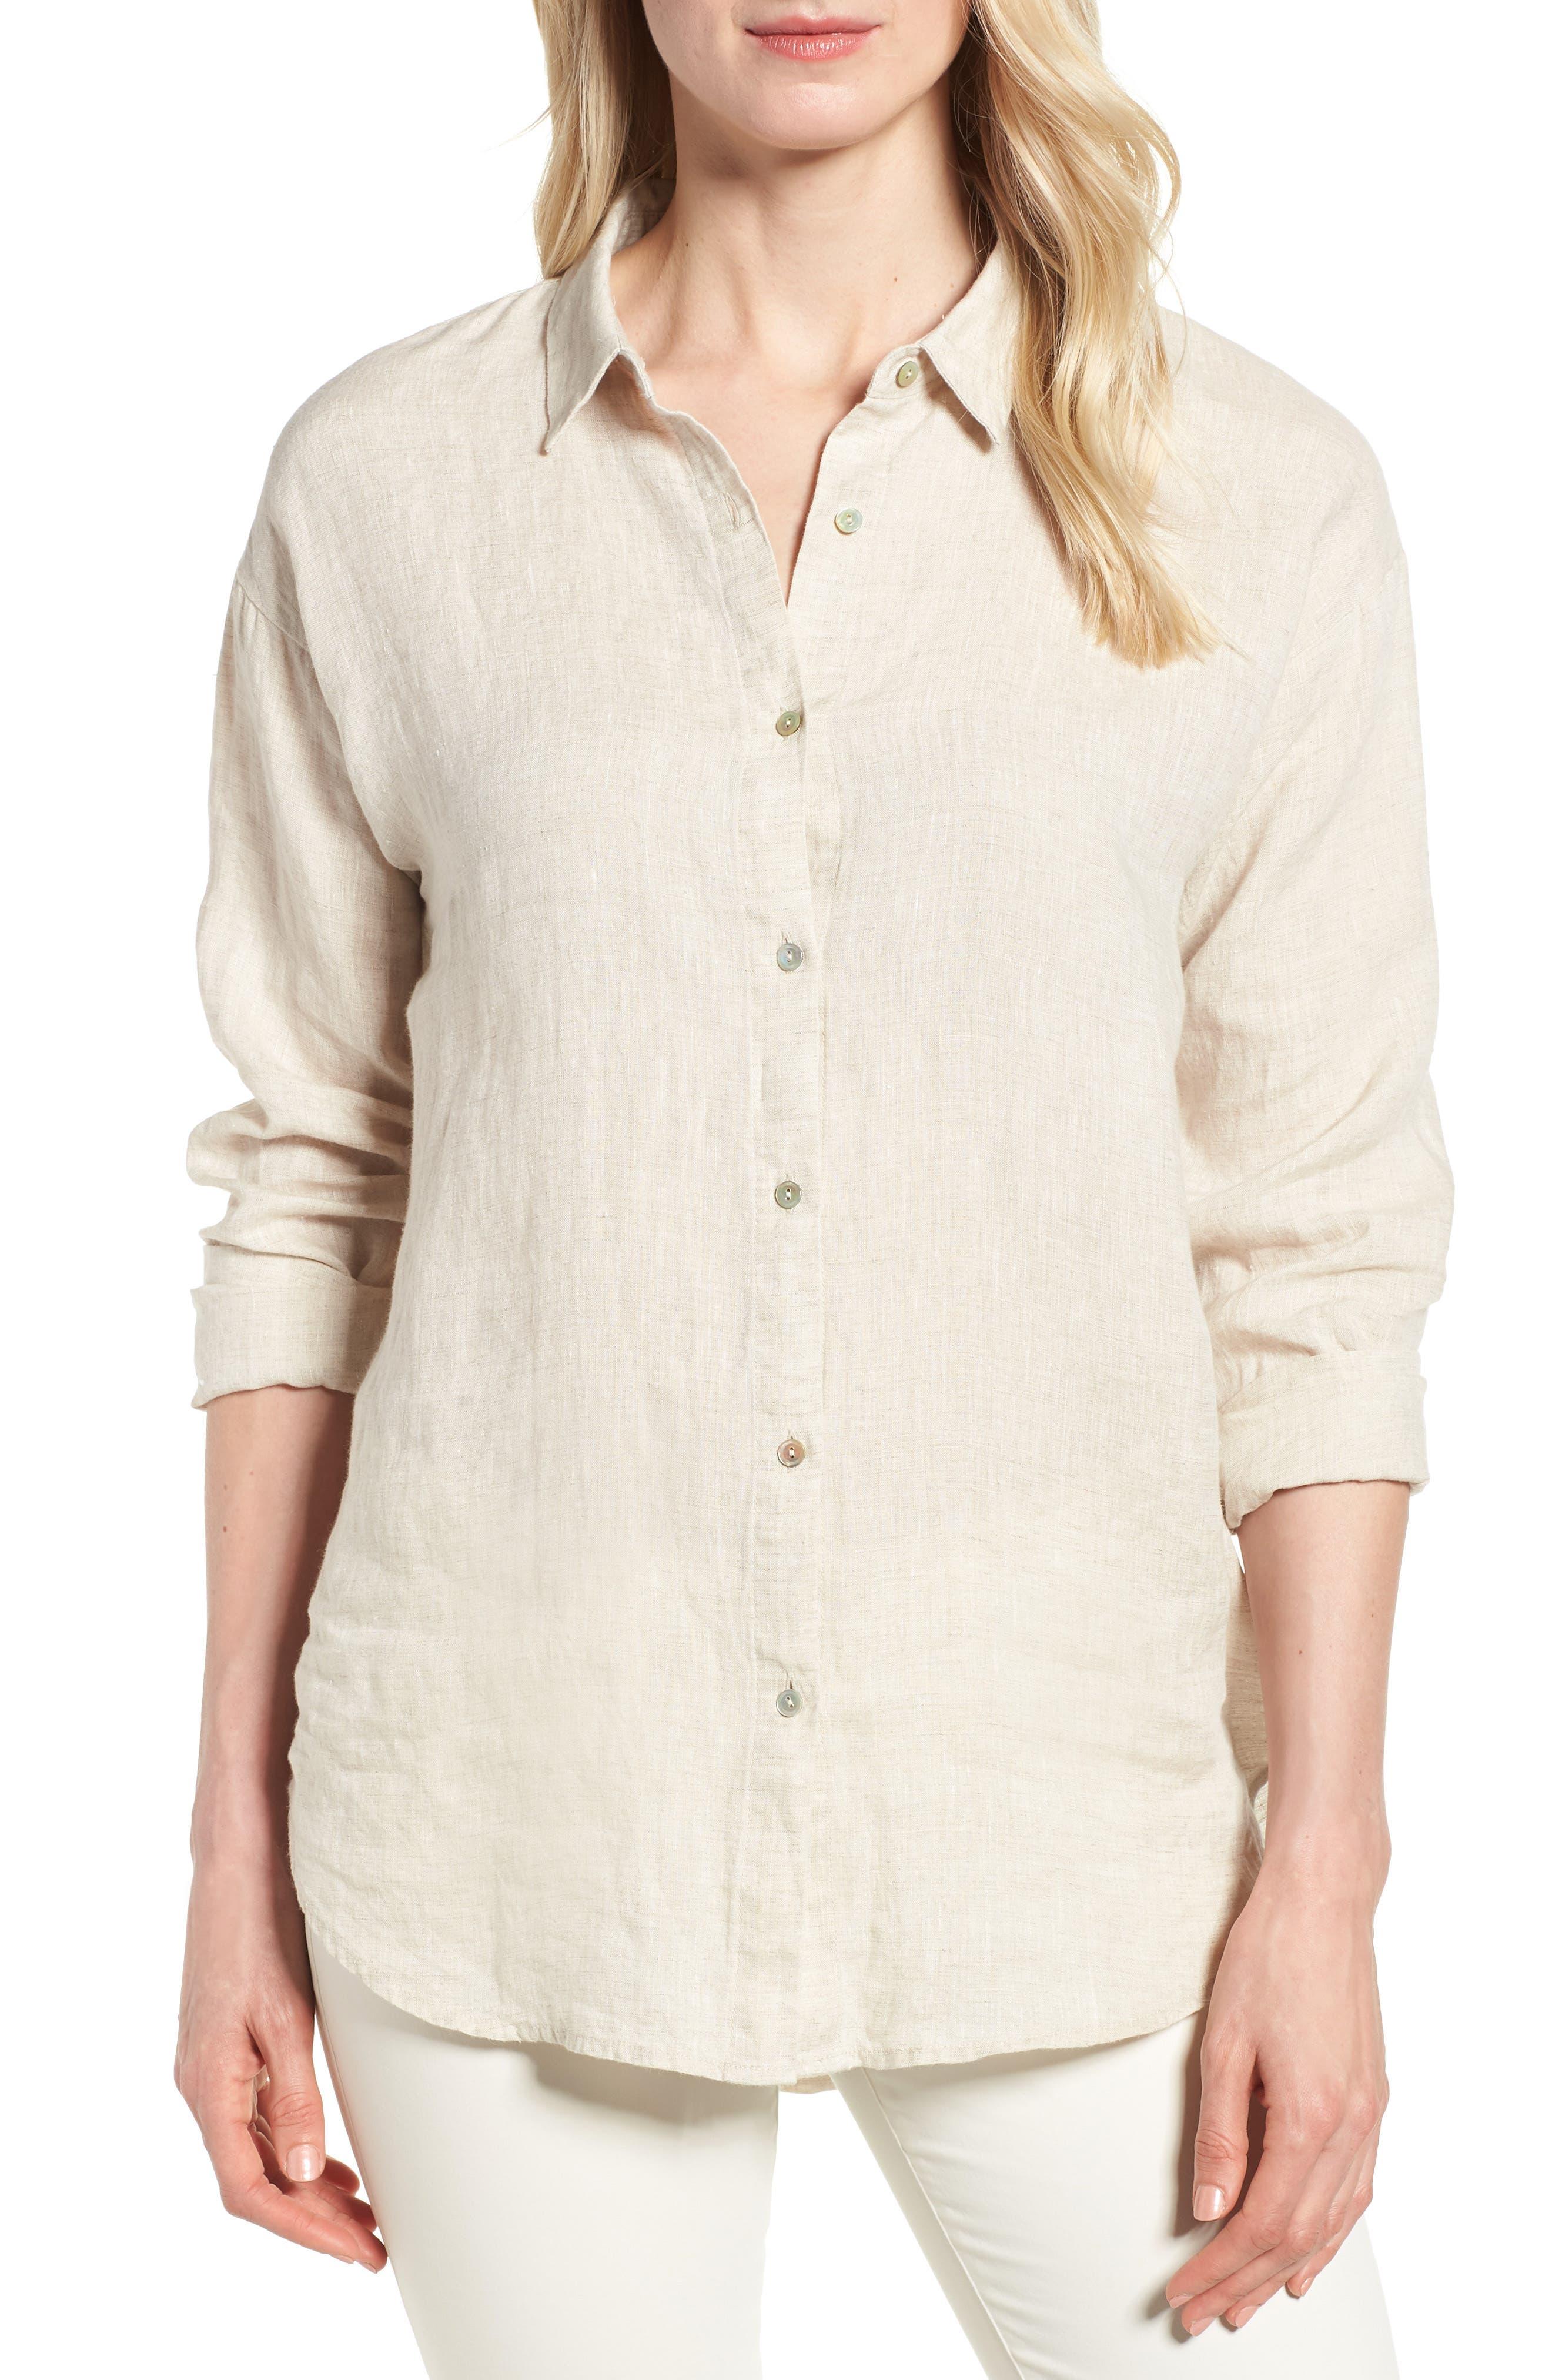 Organic Linen Shirt,                             Main thumbnail 1, color,                             Natural